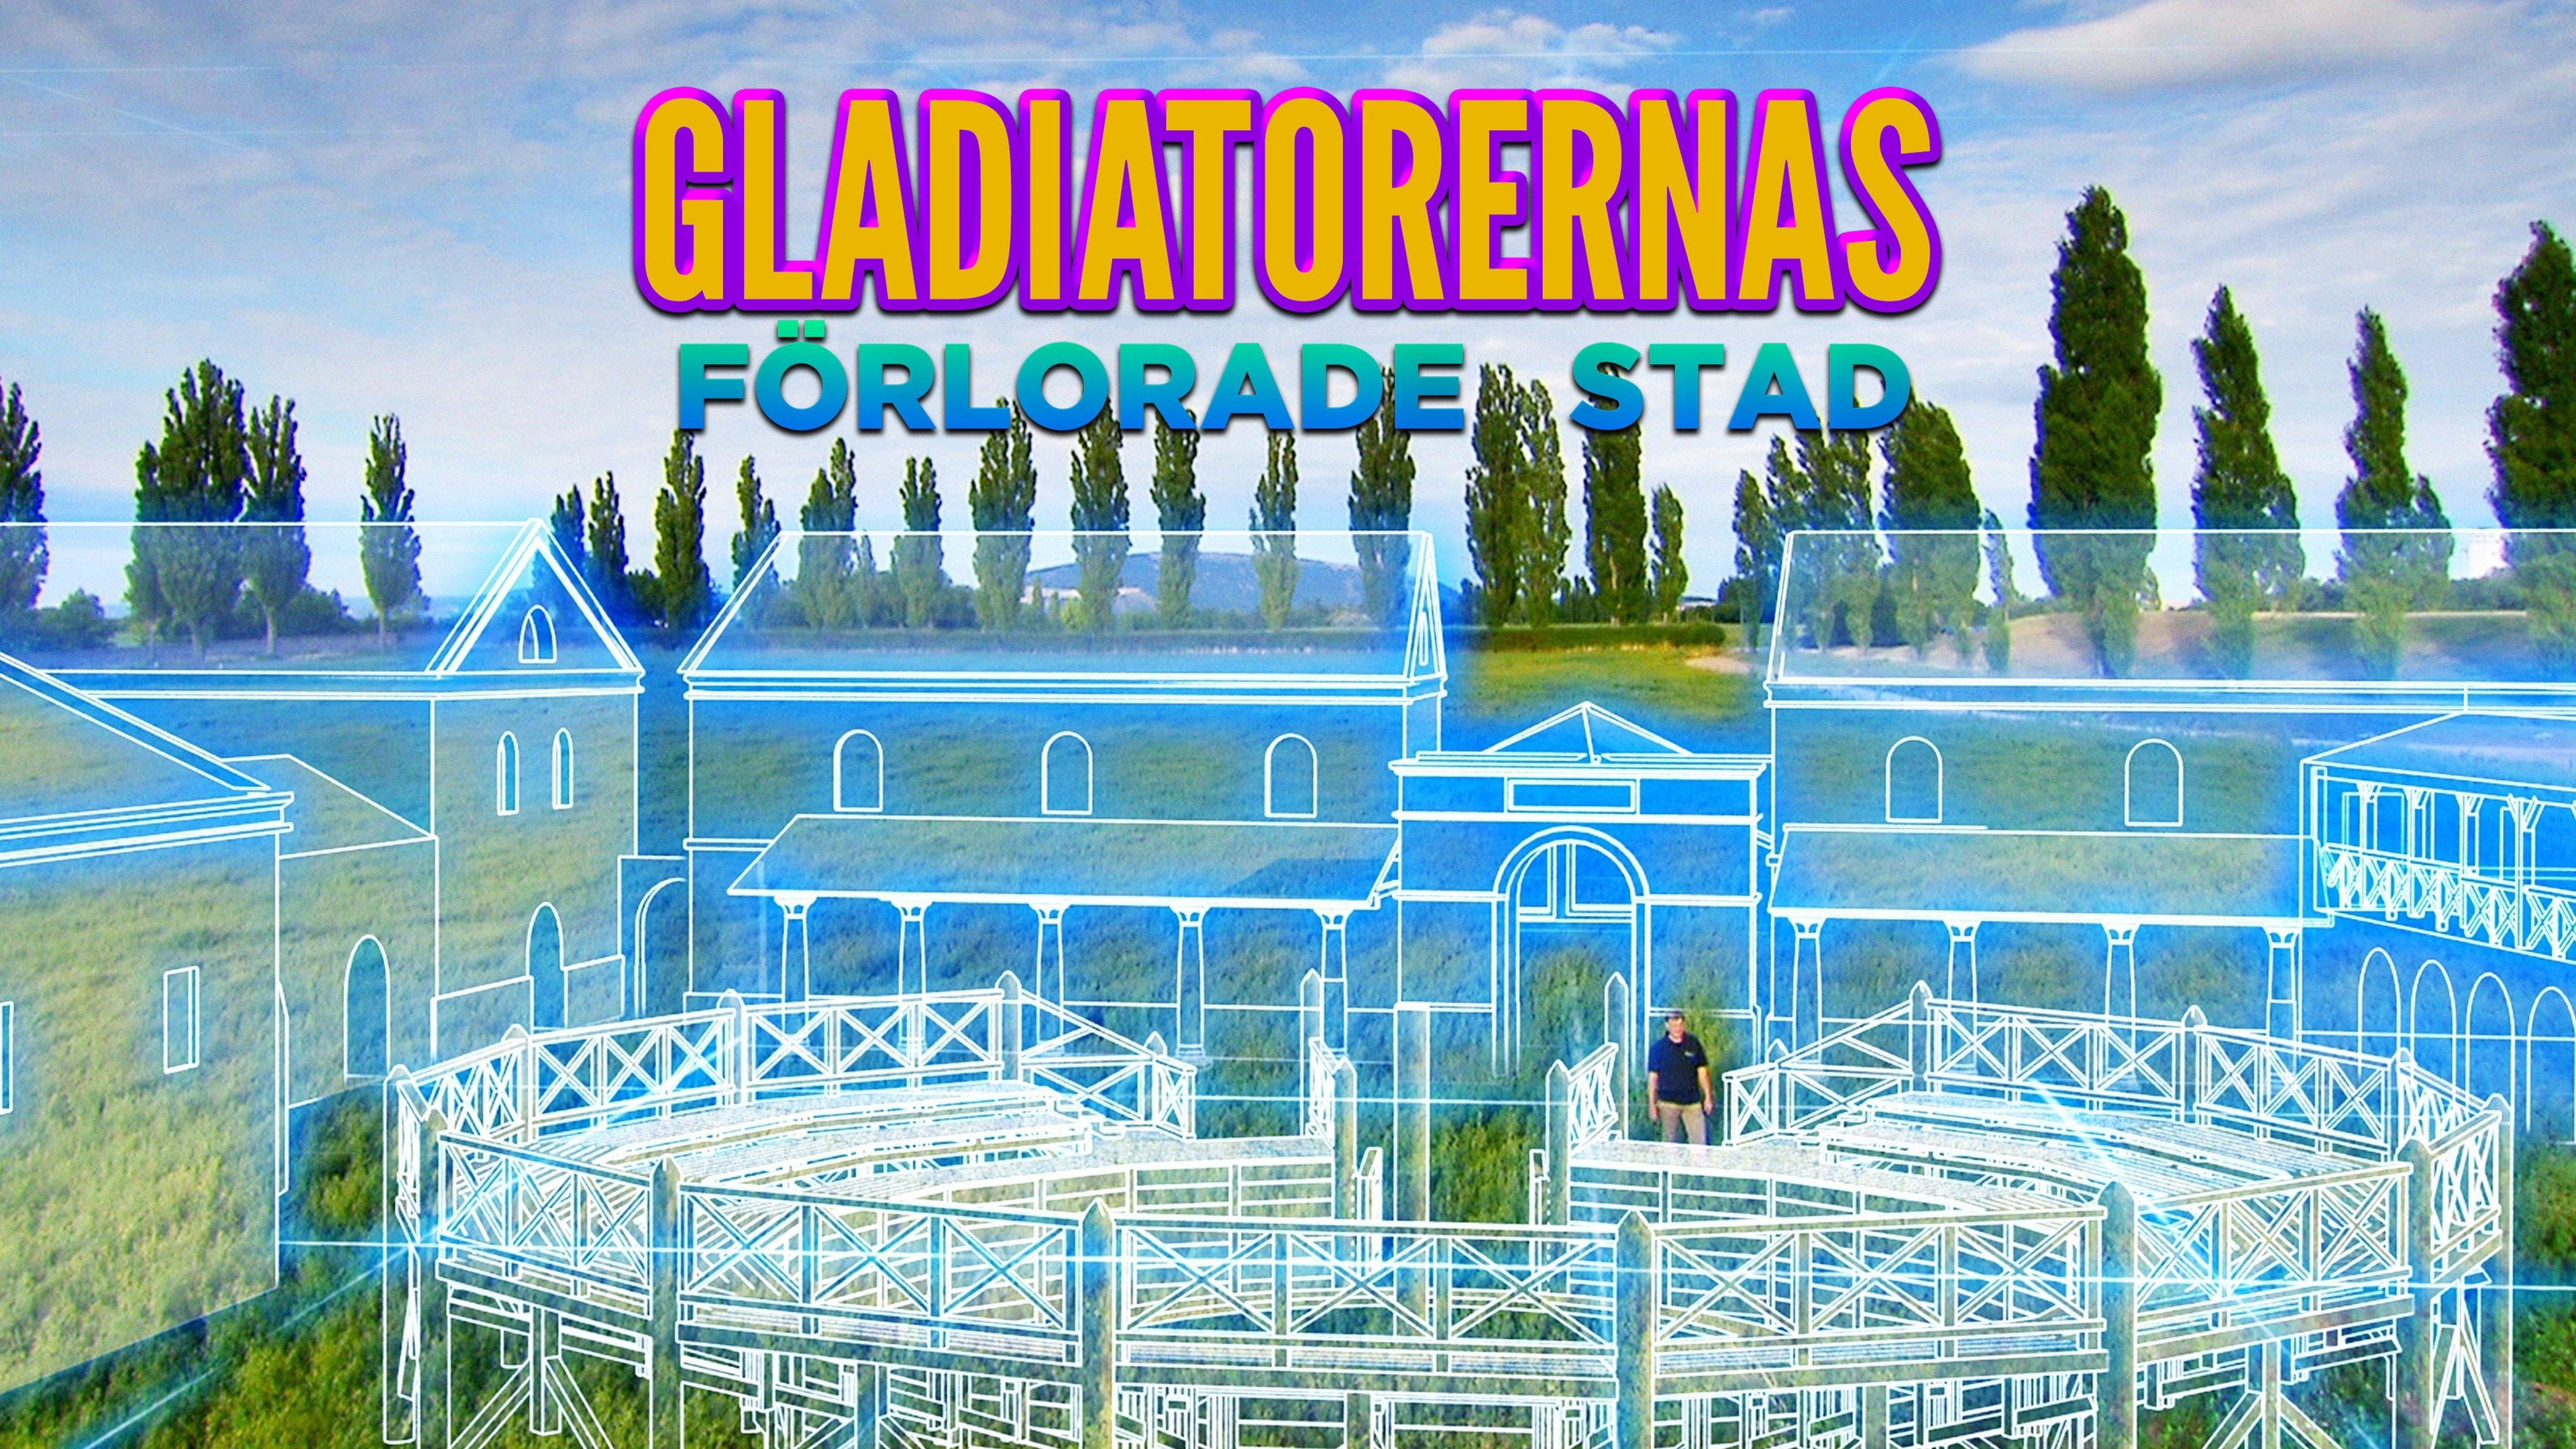 Gladiatorernas förlorade stad